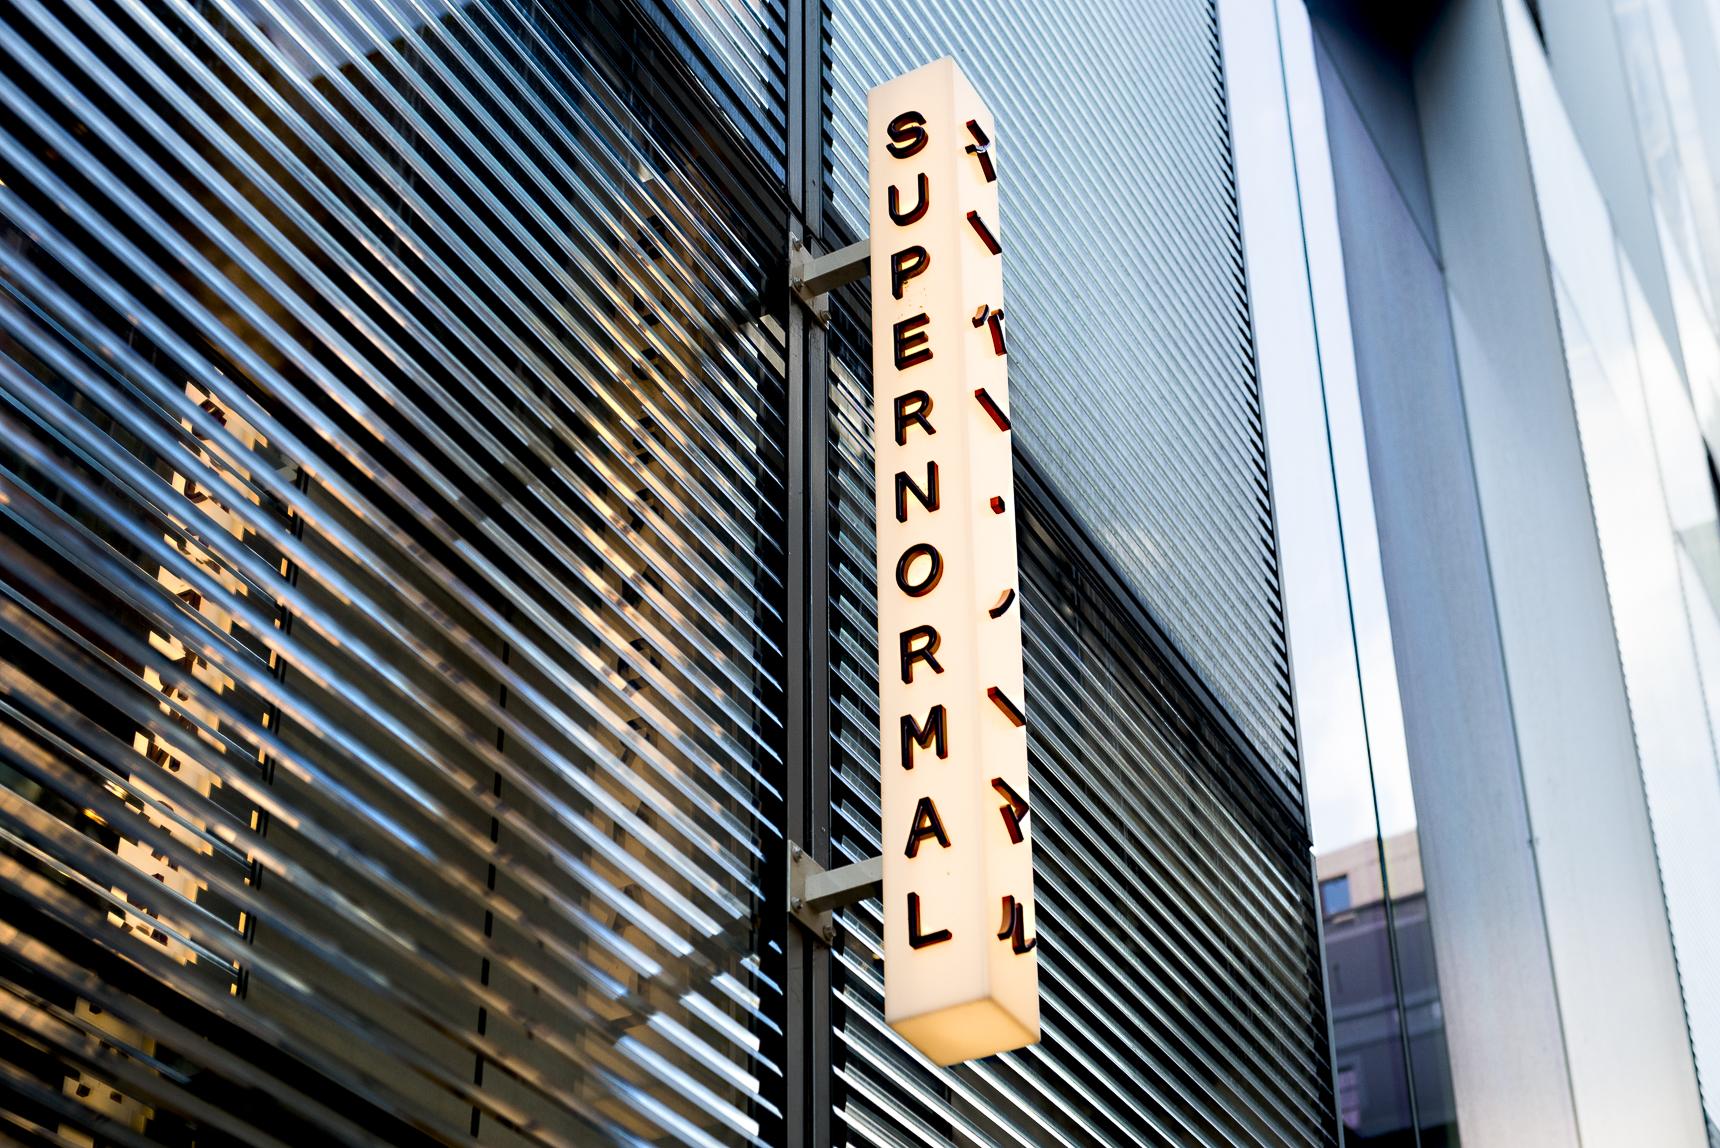 Capi Water Mr Gumbatron Supernormal Melbourne Flinders Lane Bar Restaurant